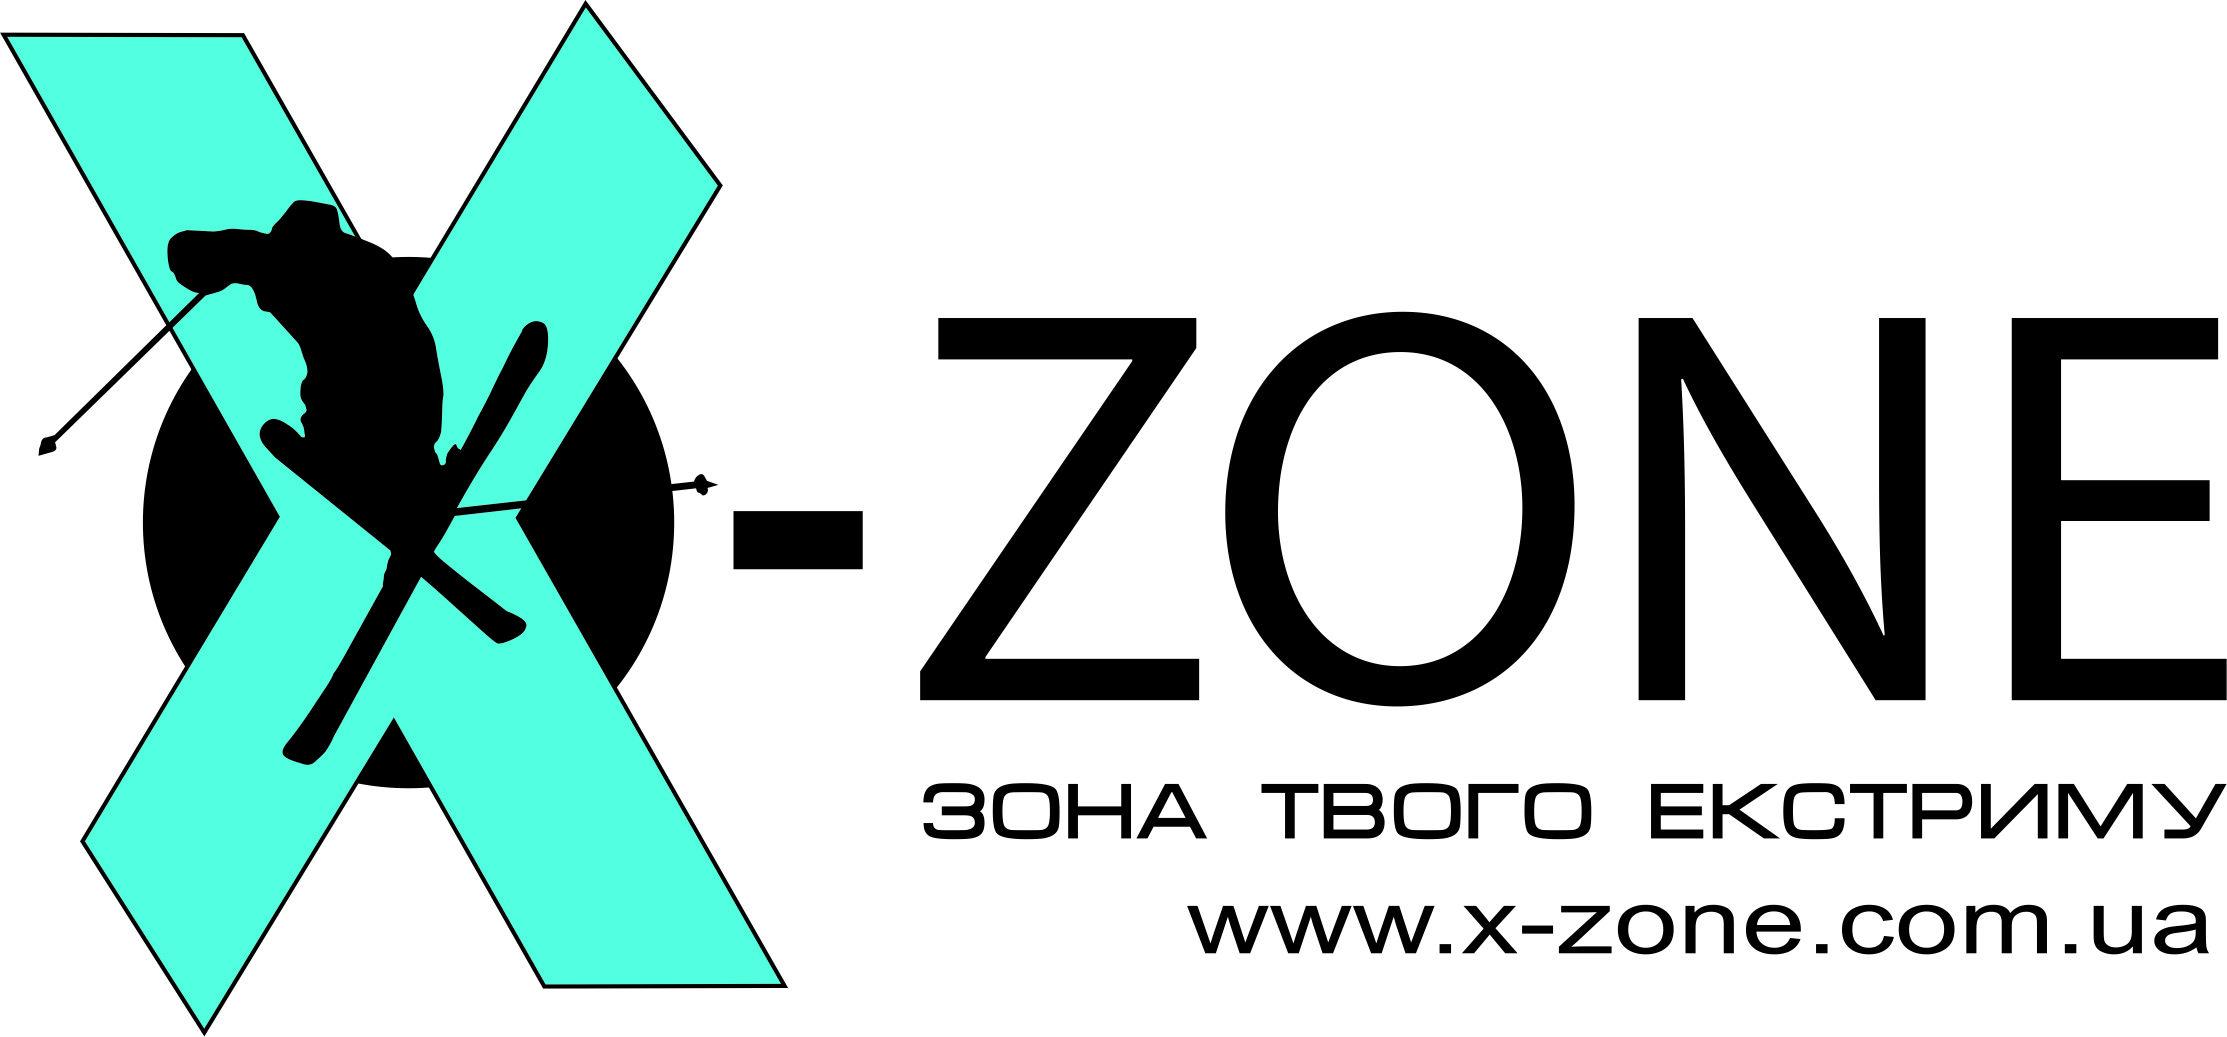 туристичний інтернет-магазин «X-Zone»